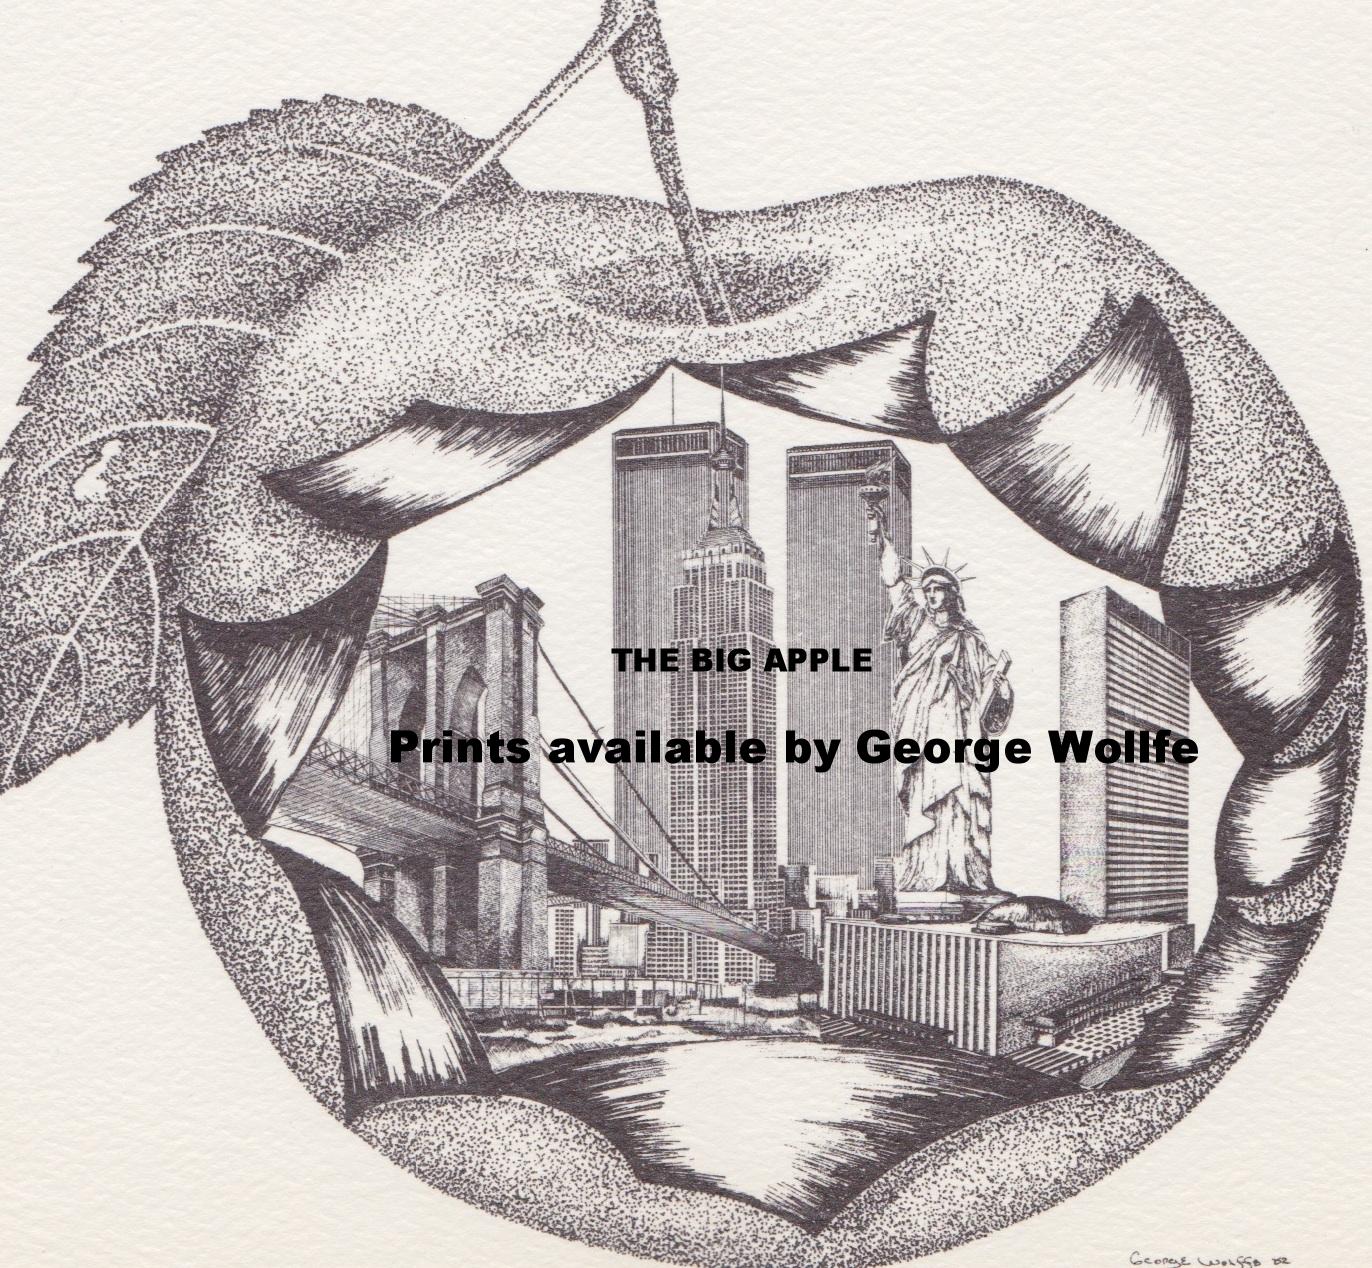 Apple George wolffe.jpg